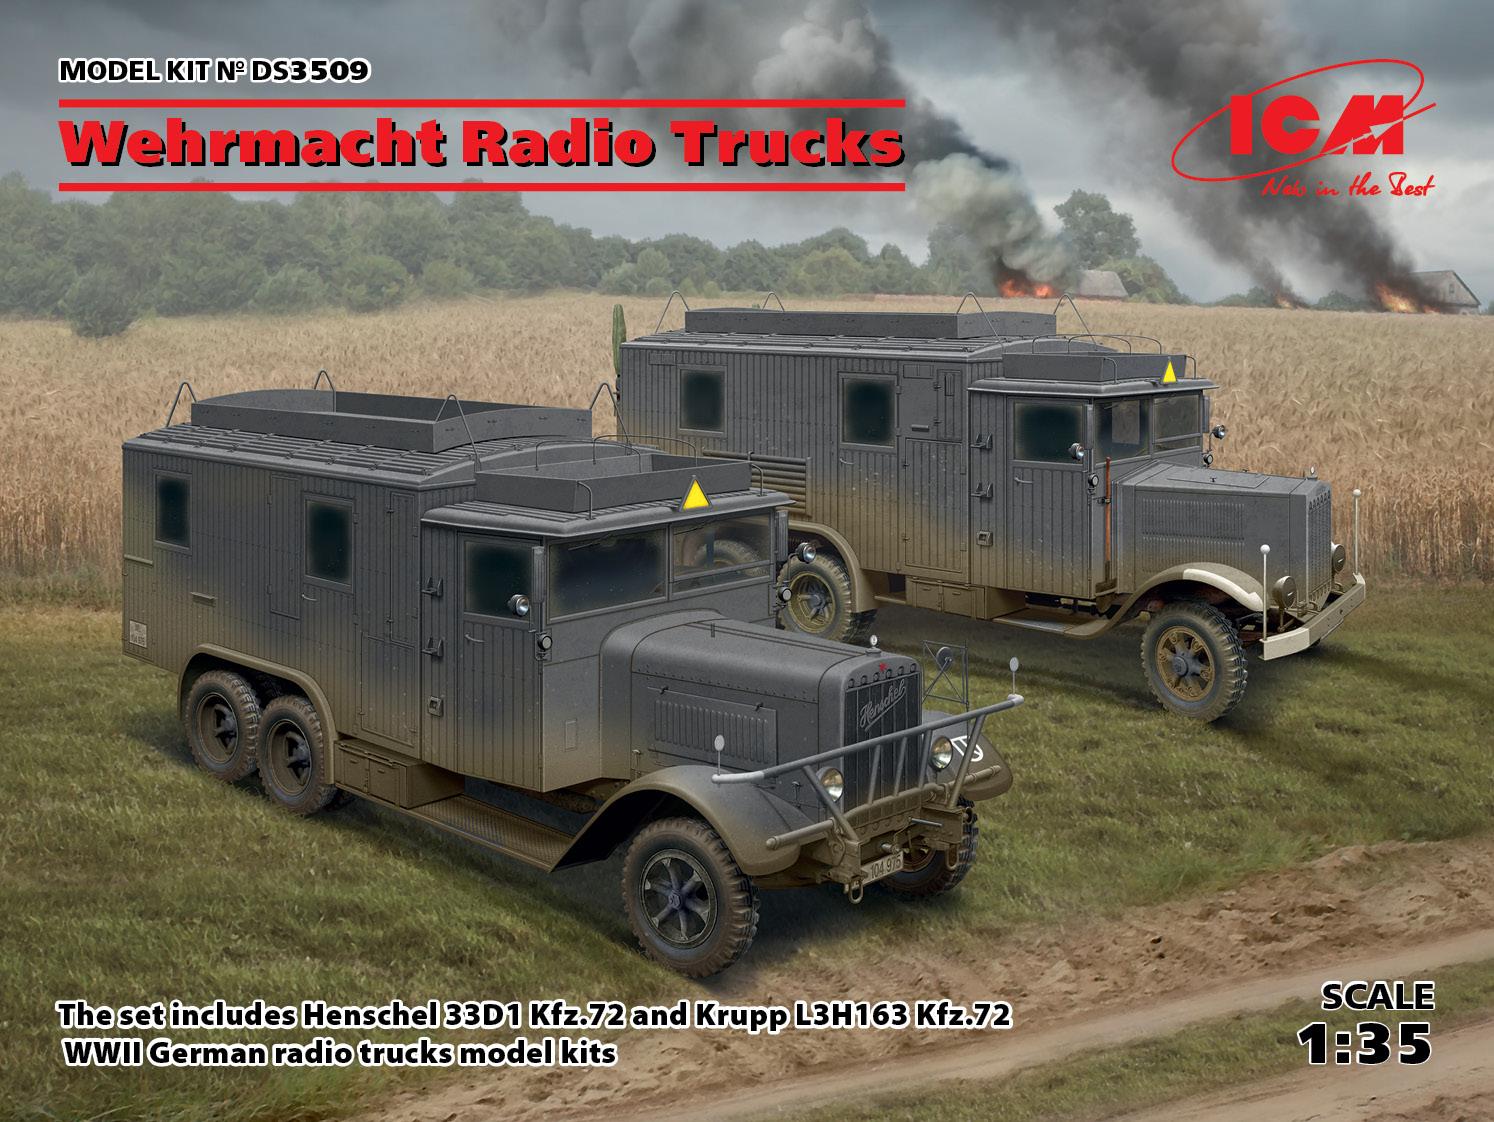 ICM 1/35 Wehrmacht Radio Trucks (Henschel 33D1 Kfz.72, Krupp L3H163 Kfz.72)